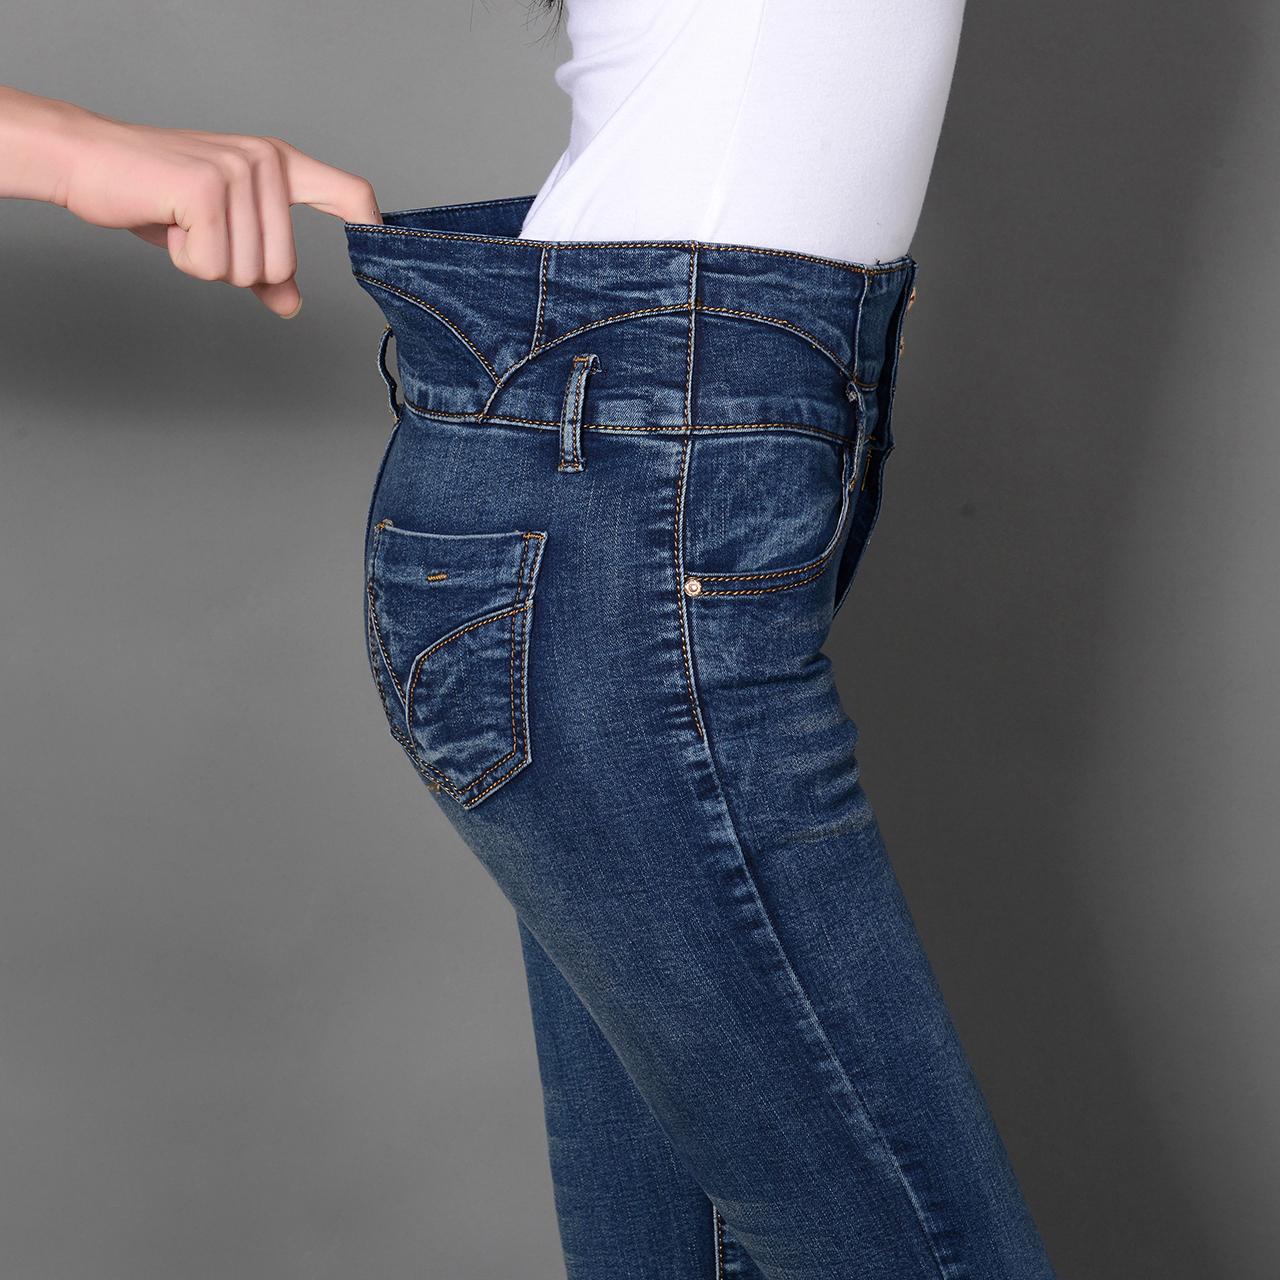 牛仔裤 高腰加绒深色牛仔裤女小脚裤长裤 弹力紧身女裤子 韩版显瘦铅笔裤_推荐淘宝好看的女牛仔裤